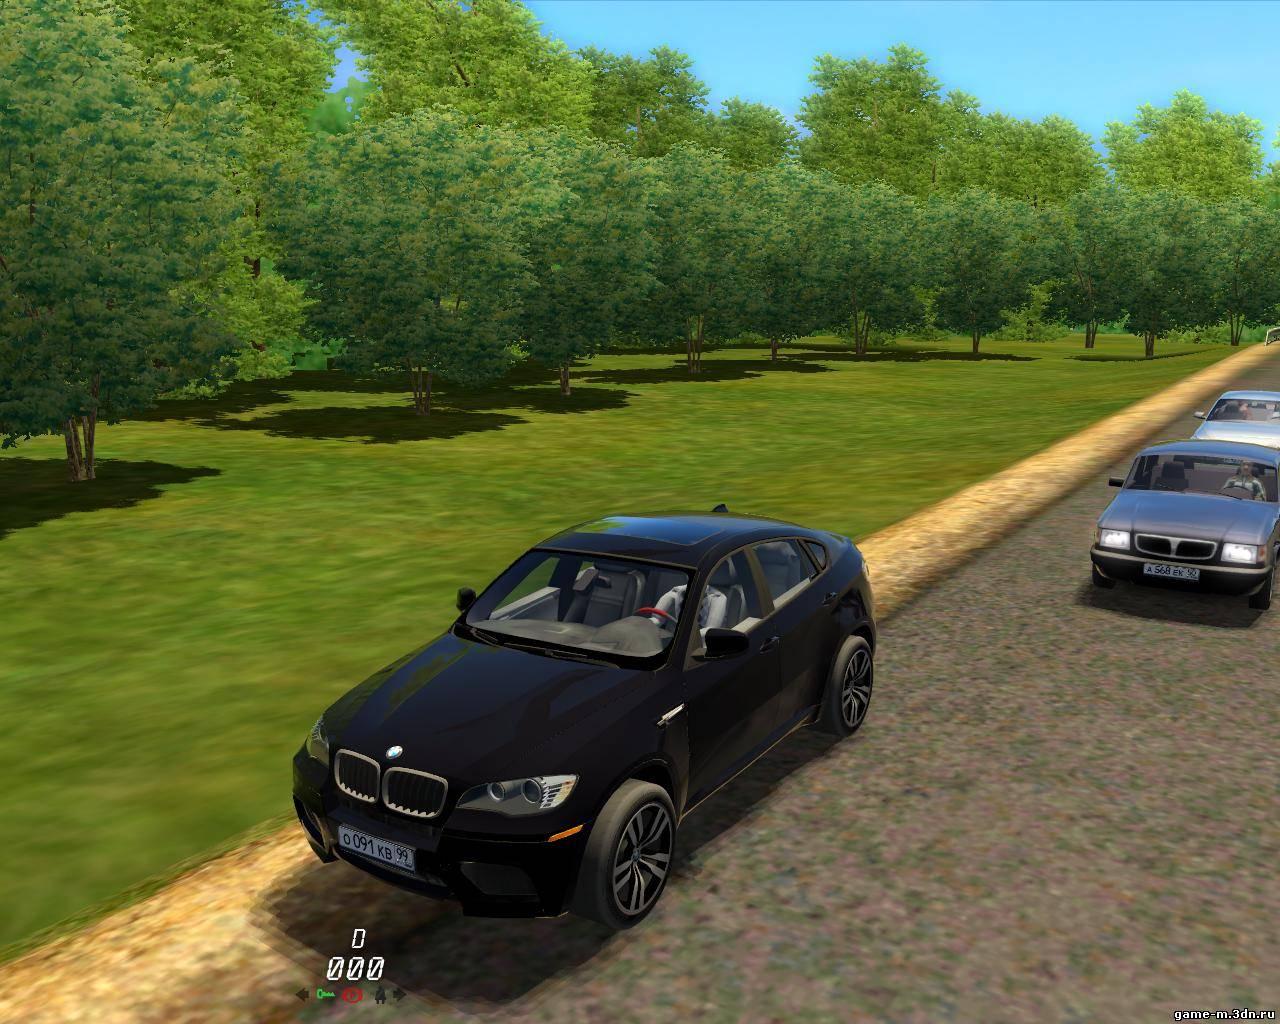 Автомобили для 3D Инструктор / Game - M / Модификации для игр